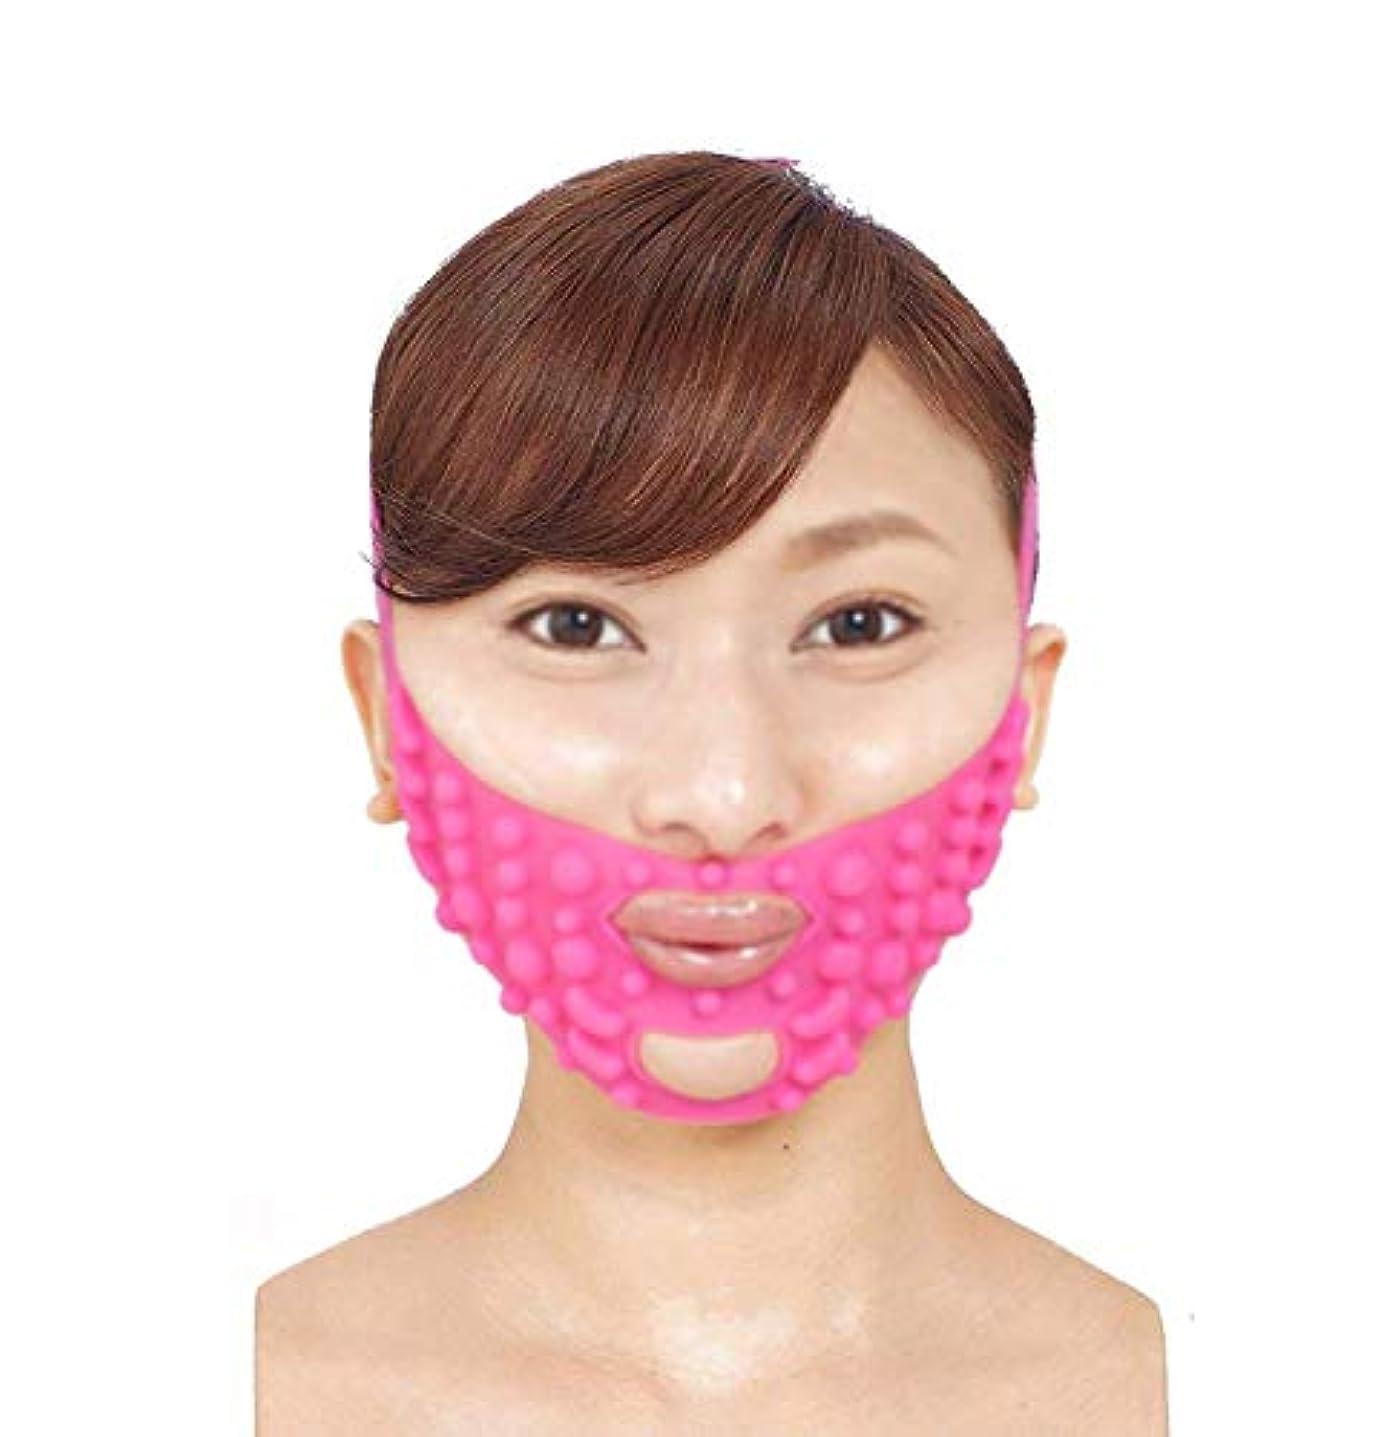 グリットうれしい振るフェイシャルマスク、リフティングアーティファクトフェイスマスク垂れ下がった小さなVフェイスバンデージ付きの顔 スリーピングフェイスダブルチンチンセットスリープエラスティックスリミングベルト